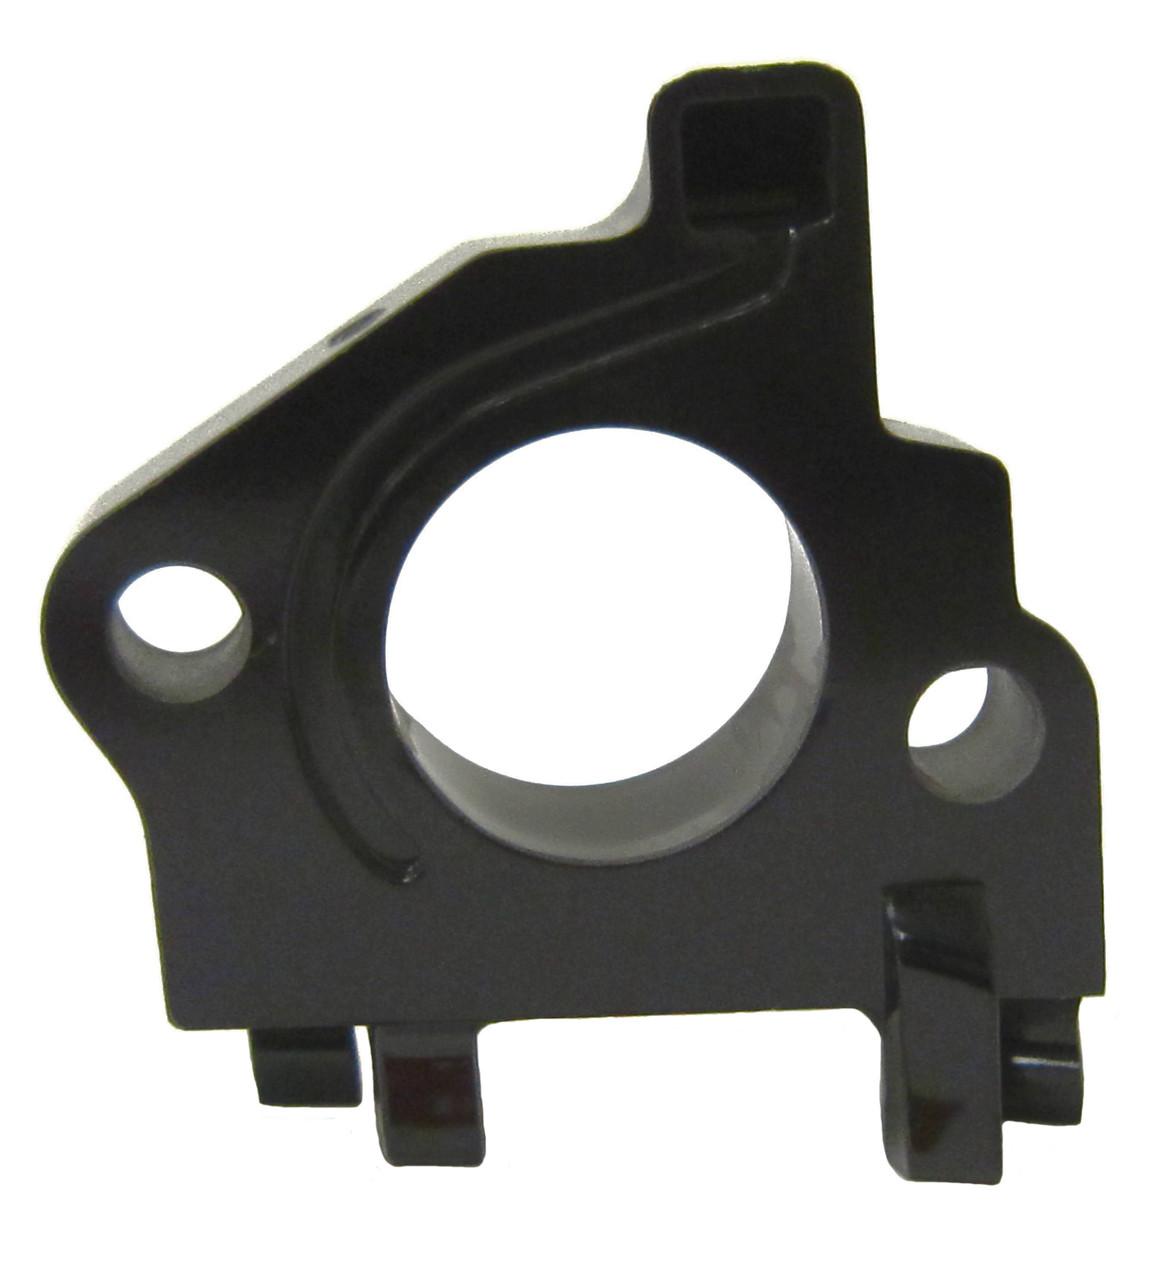 Carb Insulator, Honda Stock